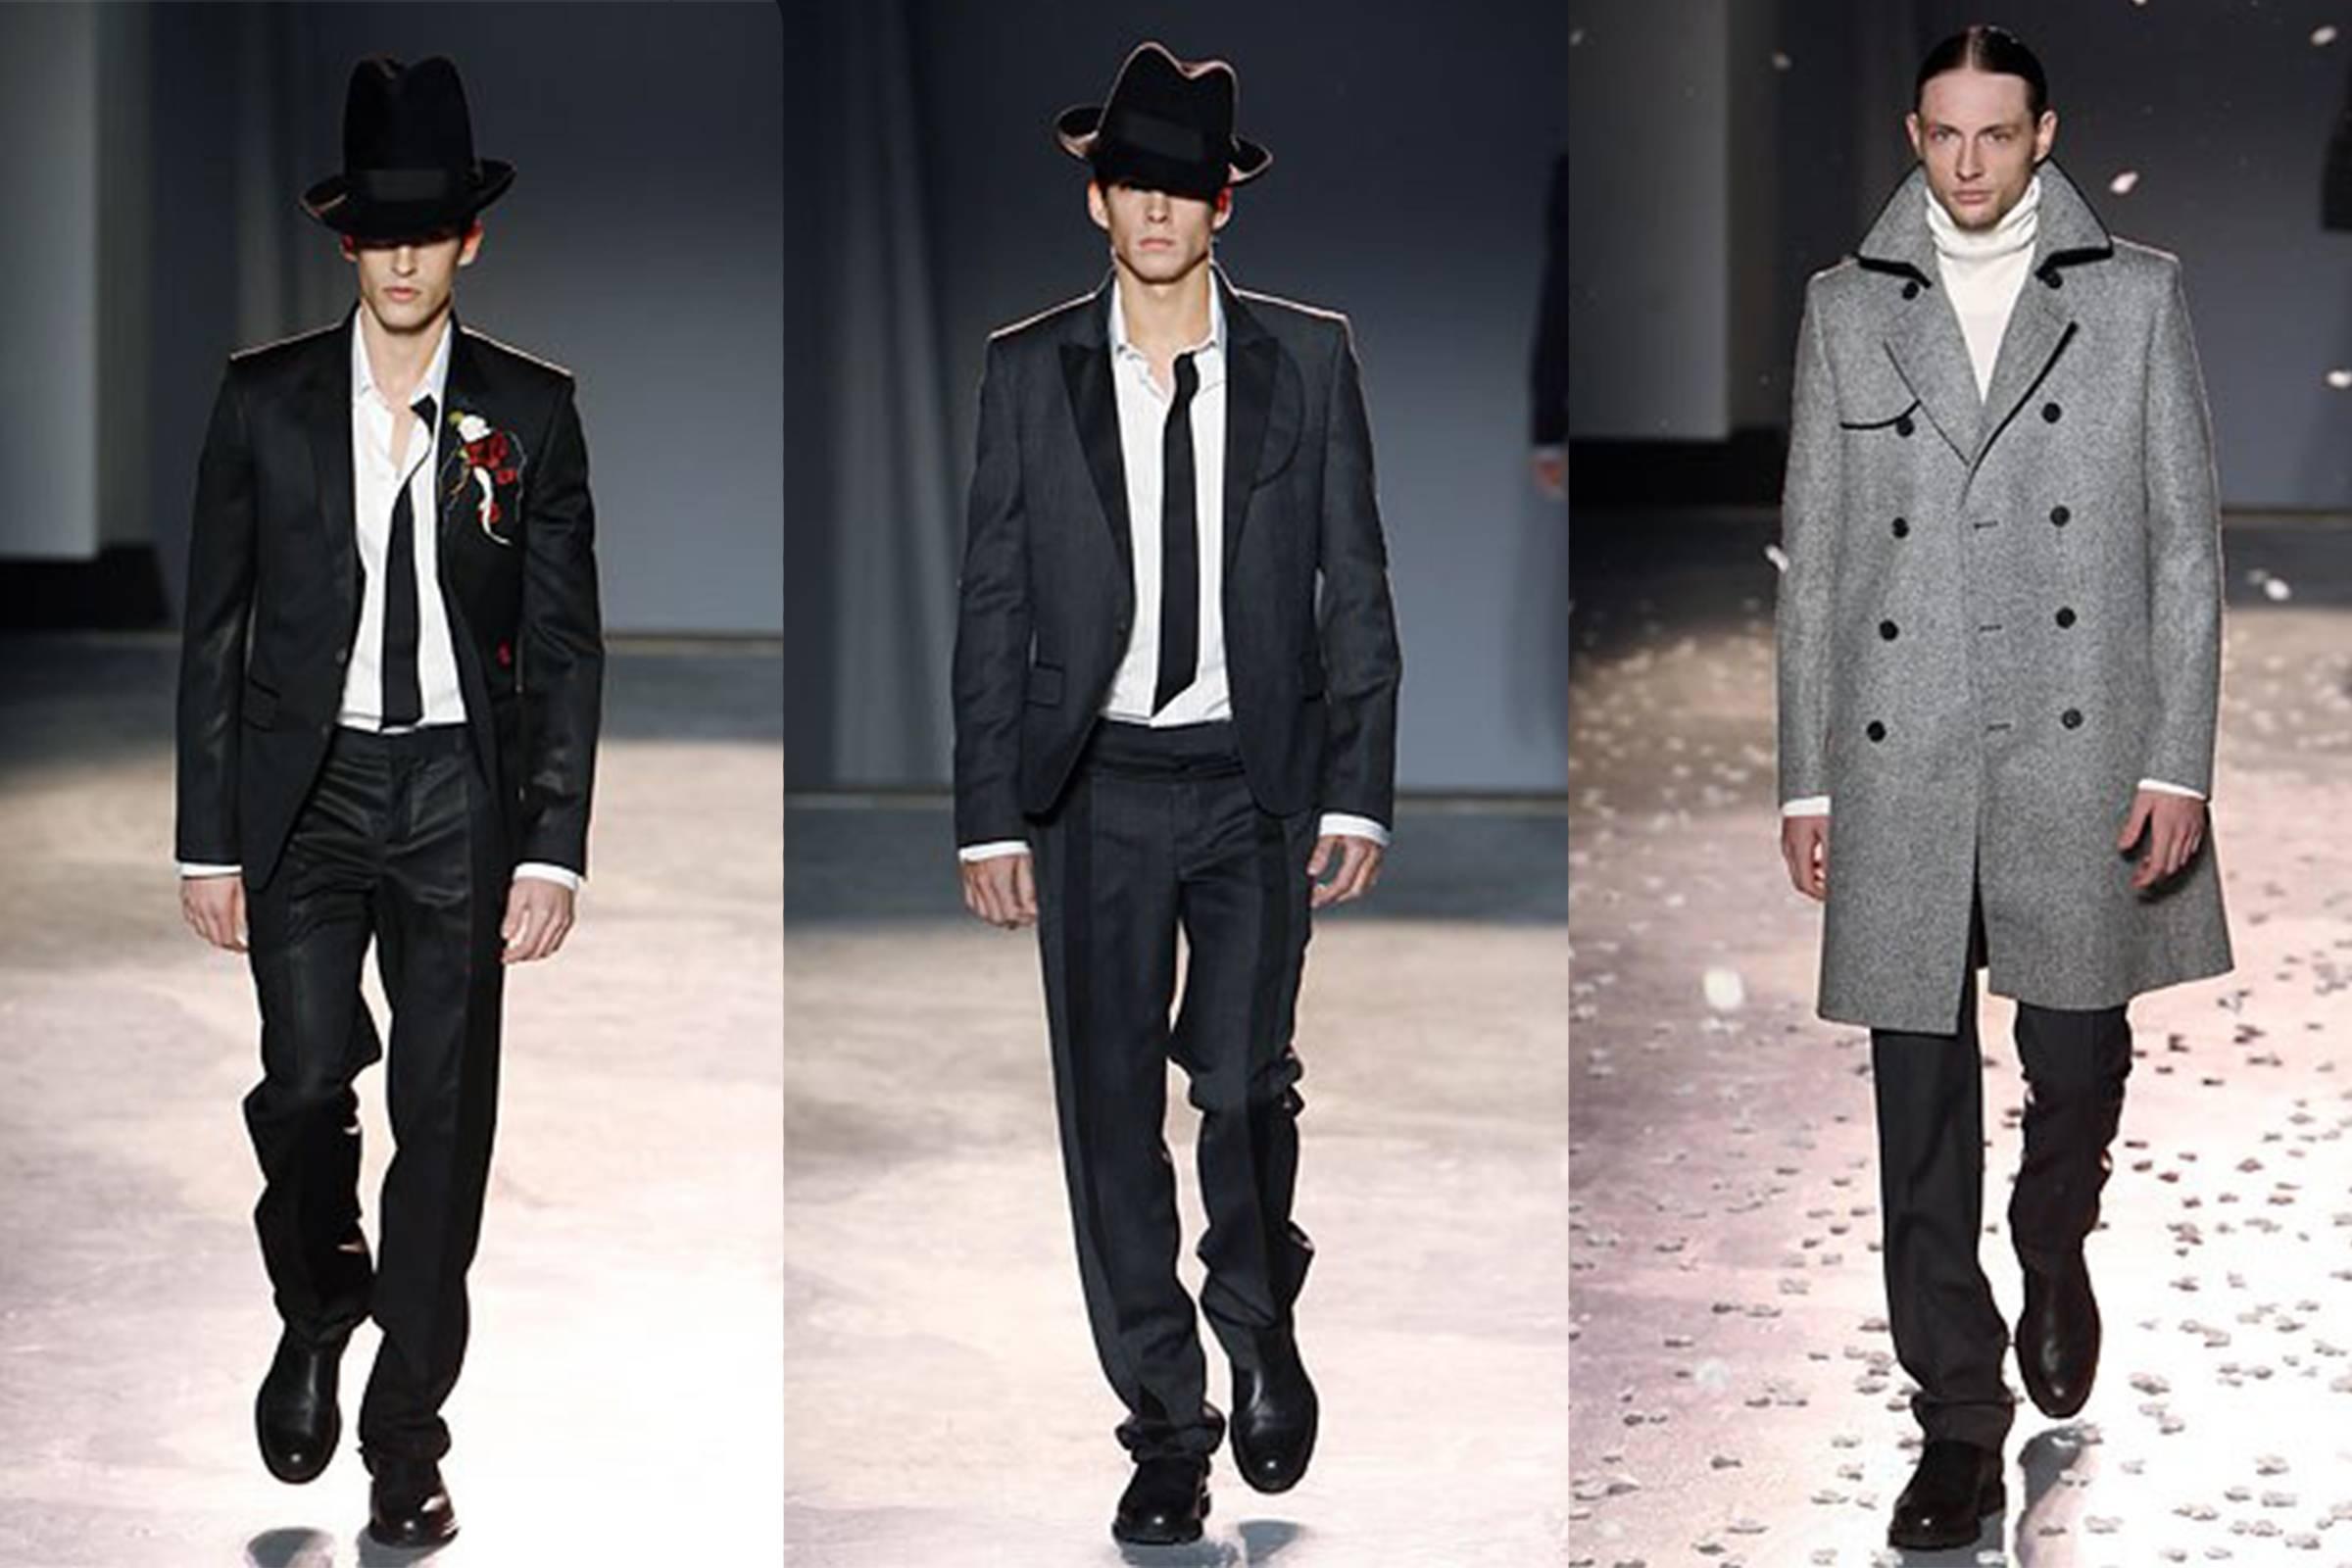 beb7ae672dc1fe Kris Van Assche  A Different Breed of Belgian Designer - Kris Van ...